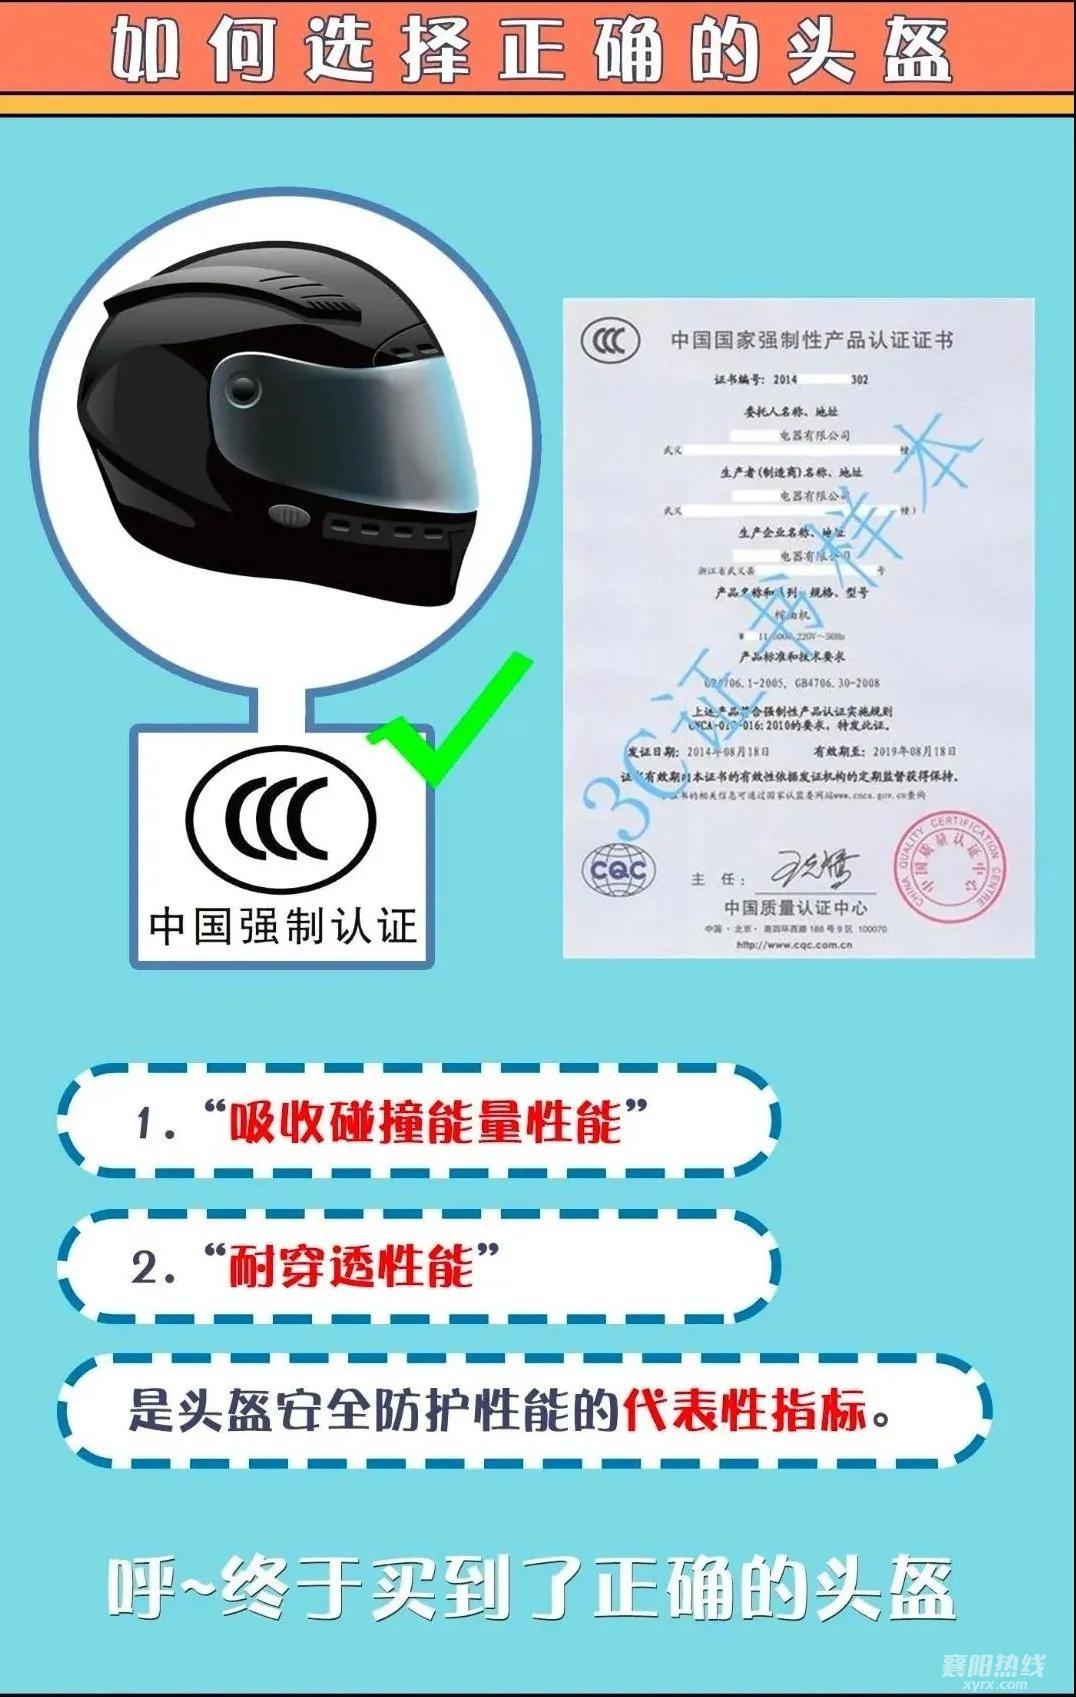 微信图片_20200521114708.jpg